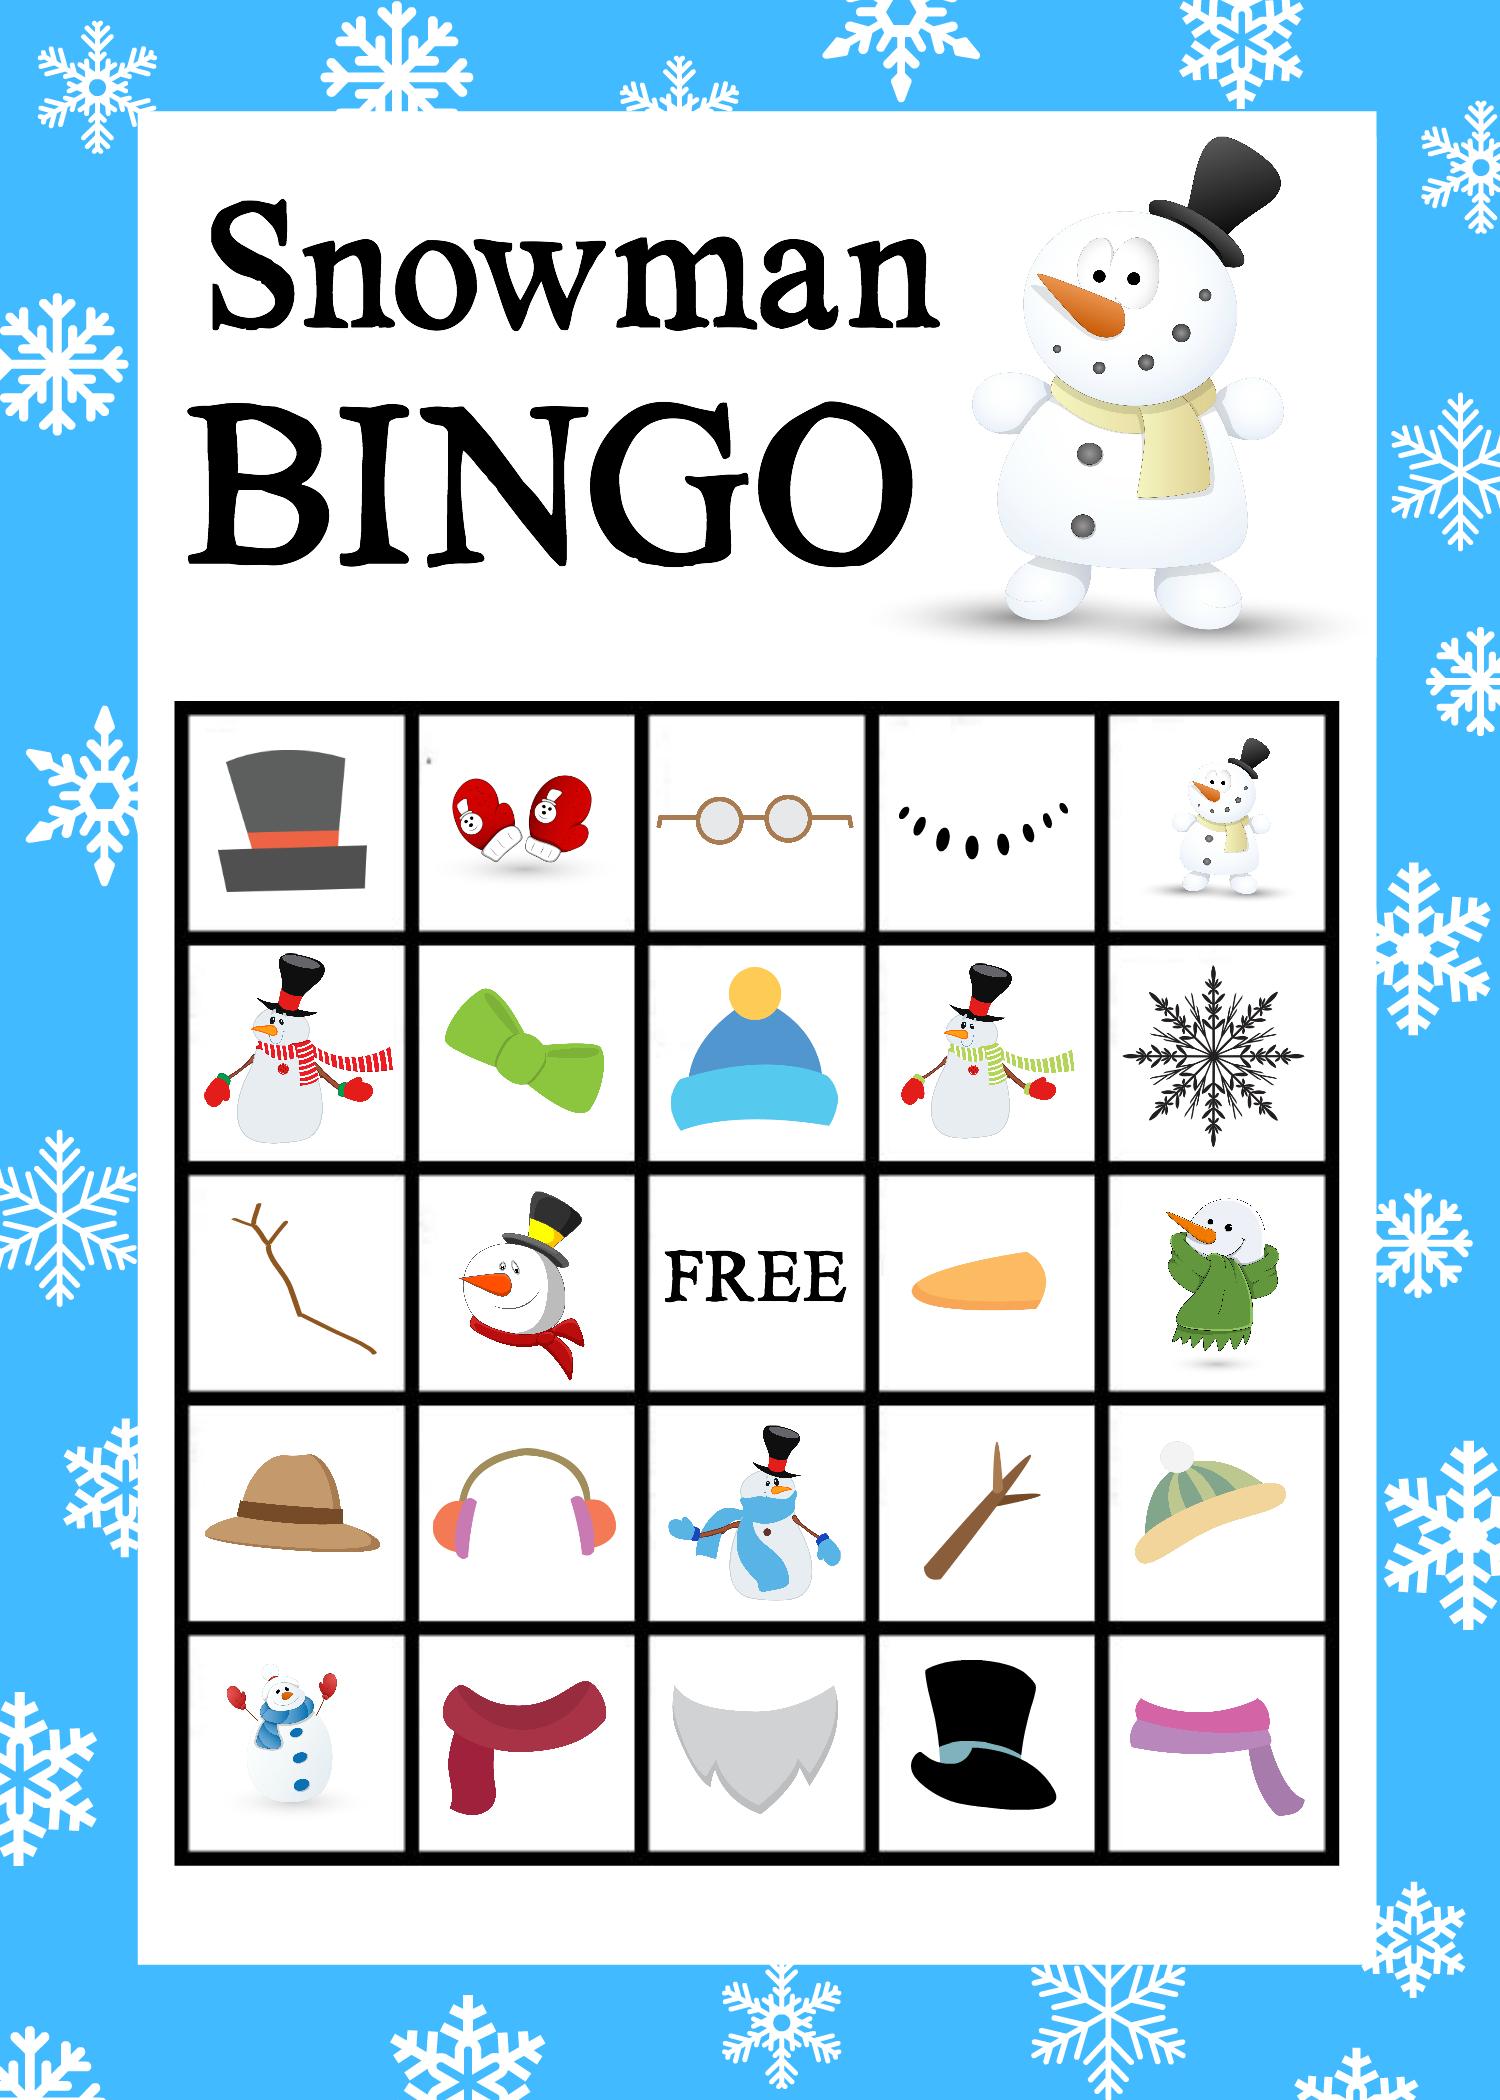 Play Bingo -